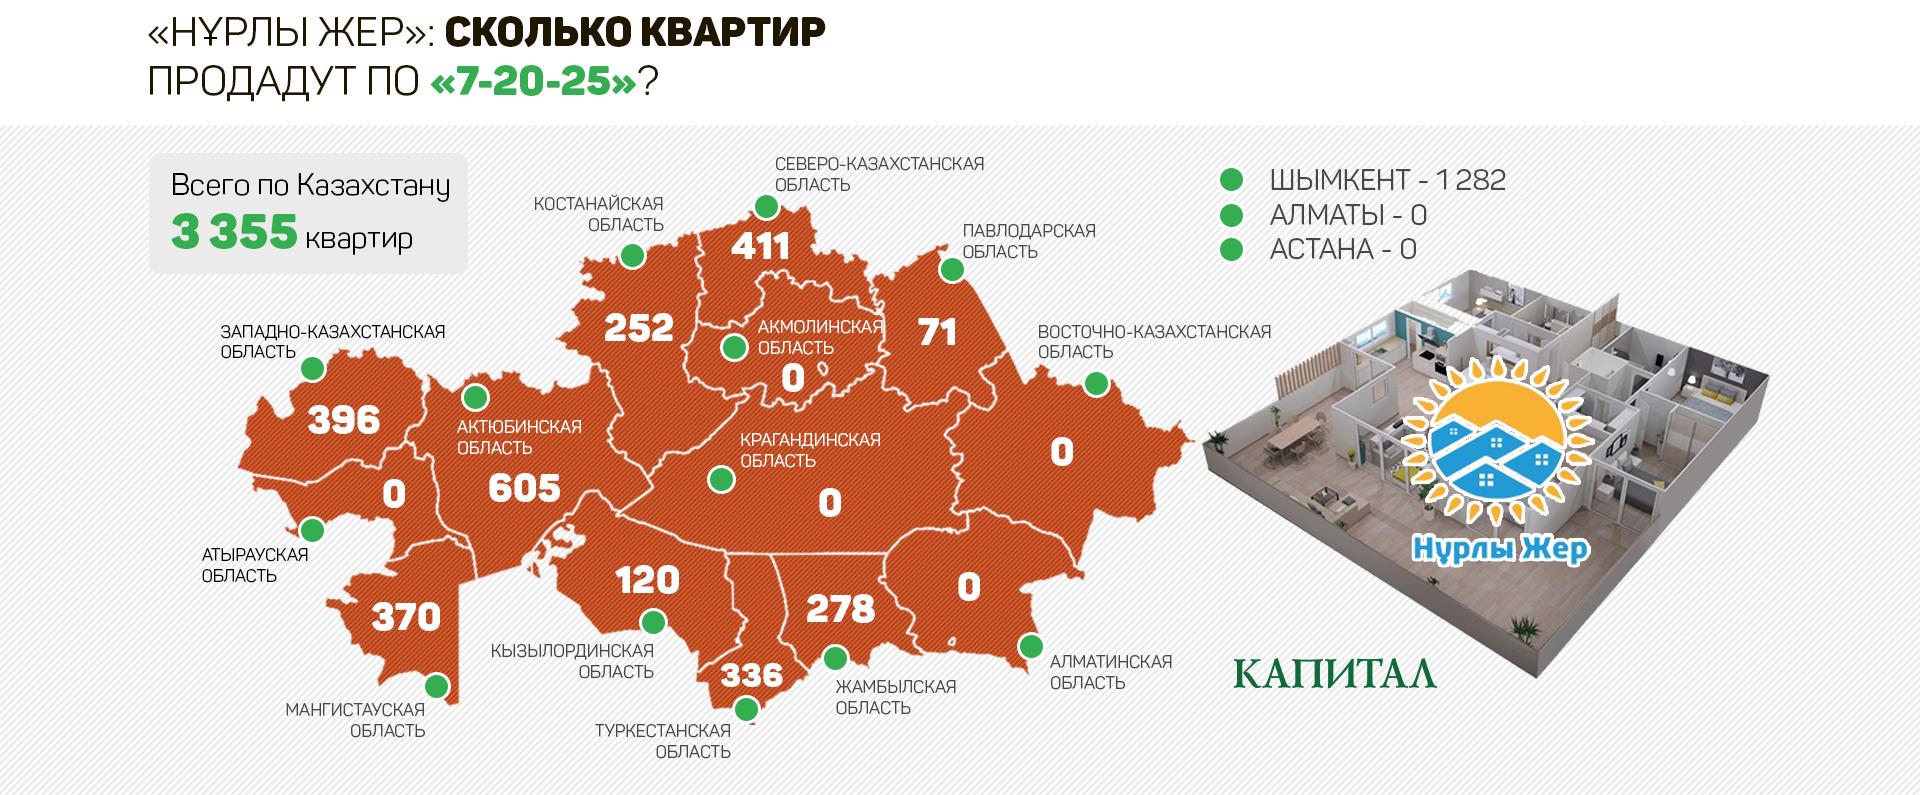 kmf банк беззалоговый кредит в алматинской области